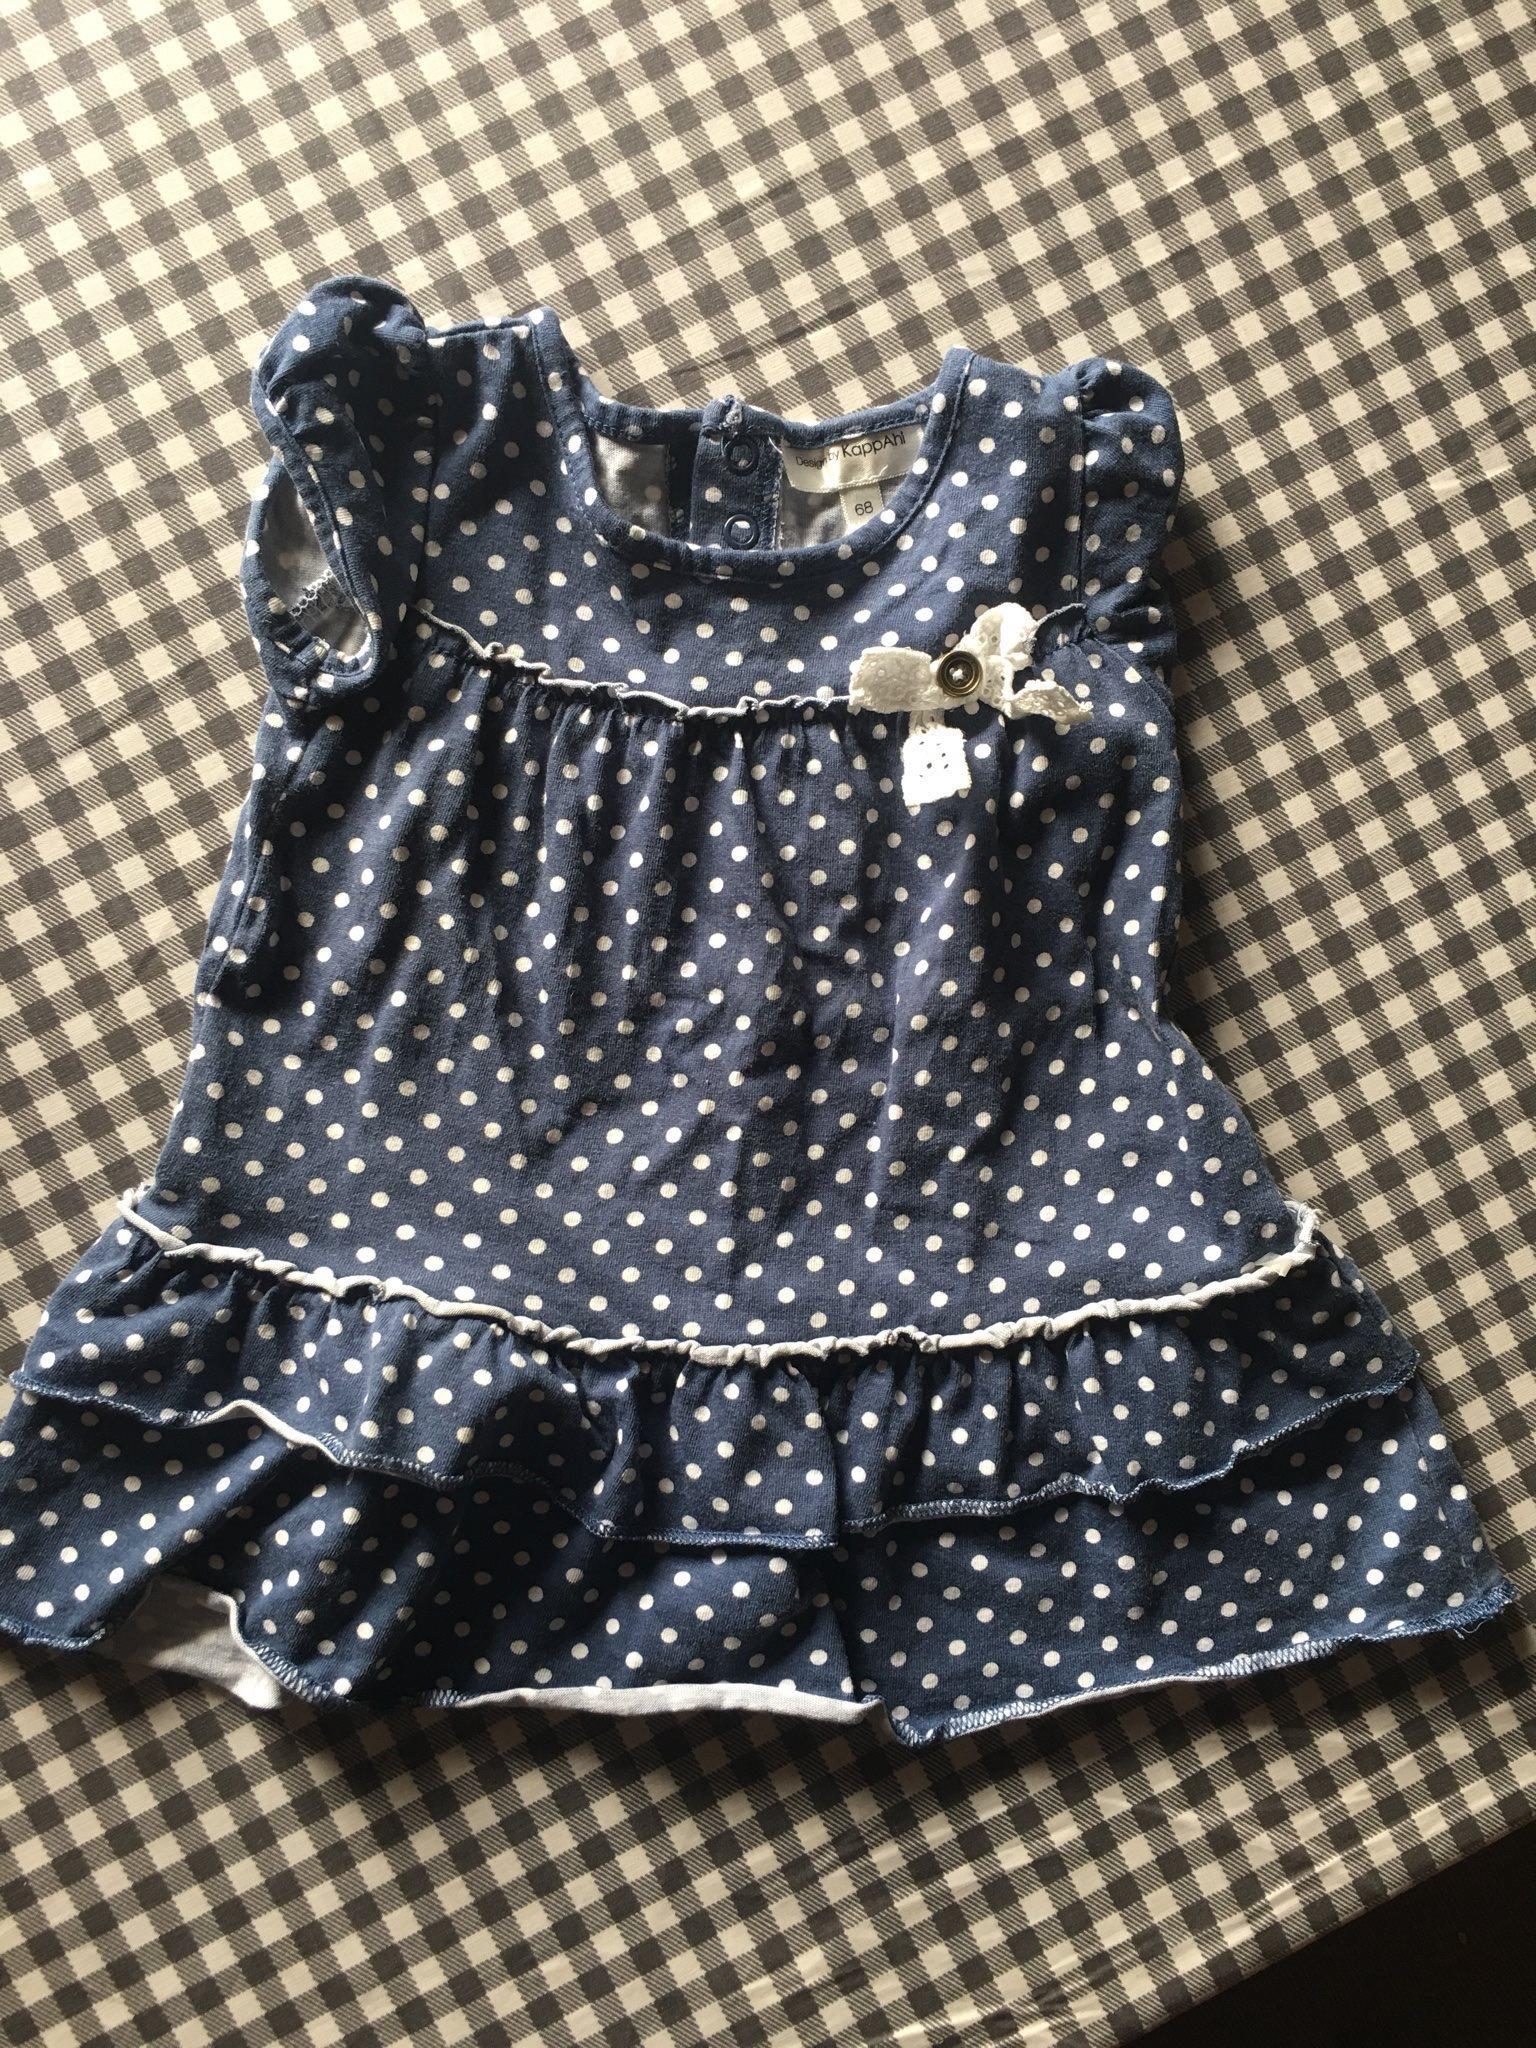 d3a022571f2a Prickig klänning strl 68, Kappahl (319255593) ᐈ Köp på Tradera